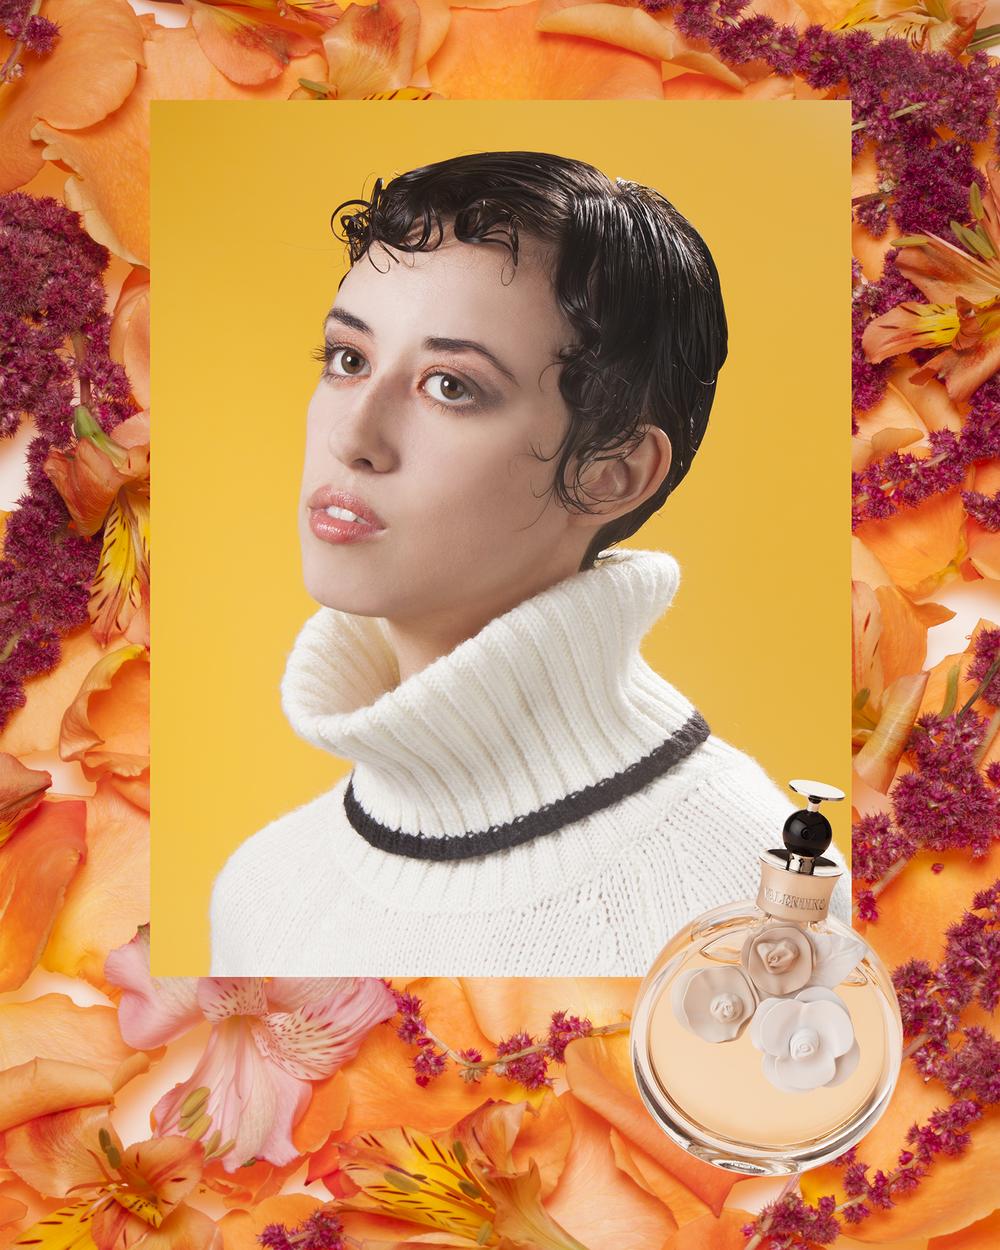 rachel_kuzma_perfume_ad.jpg